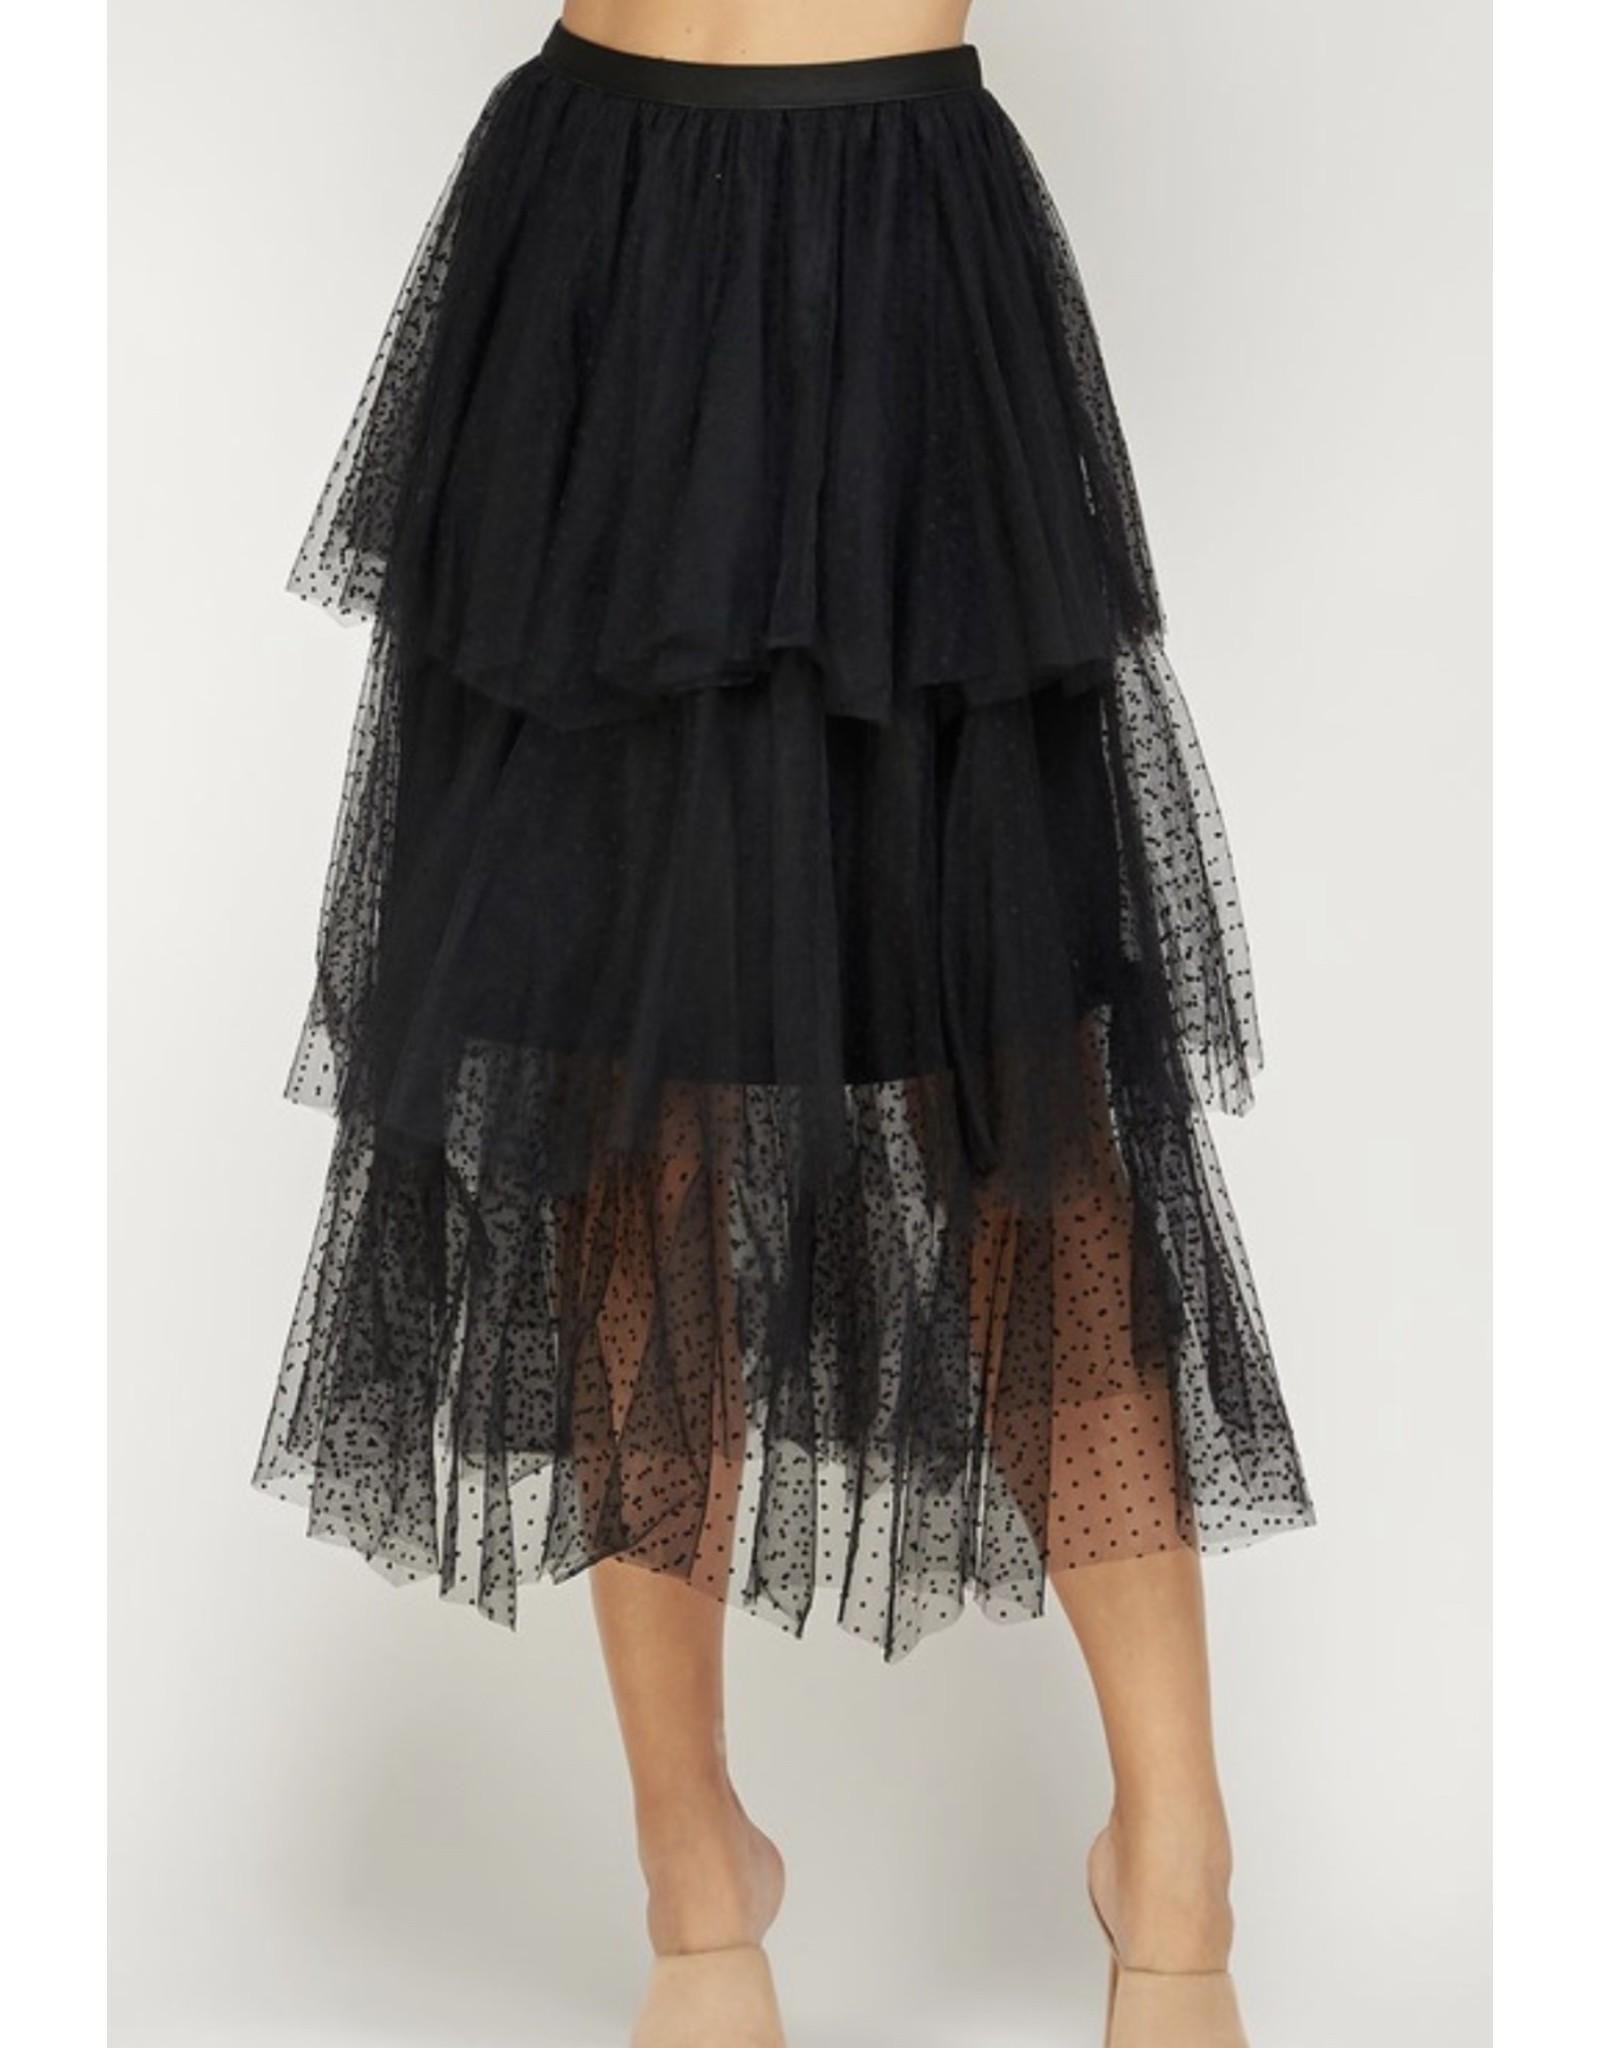 Tiered Polka Dot Tulle Skirt - Black